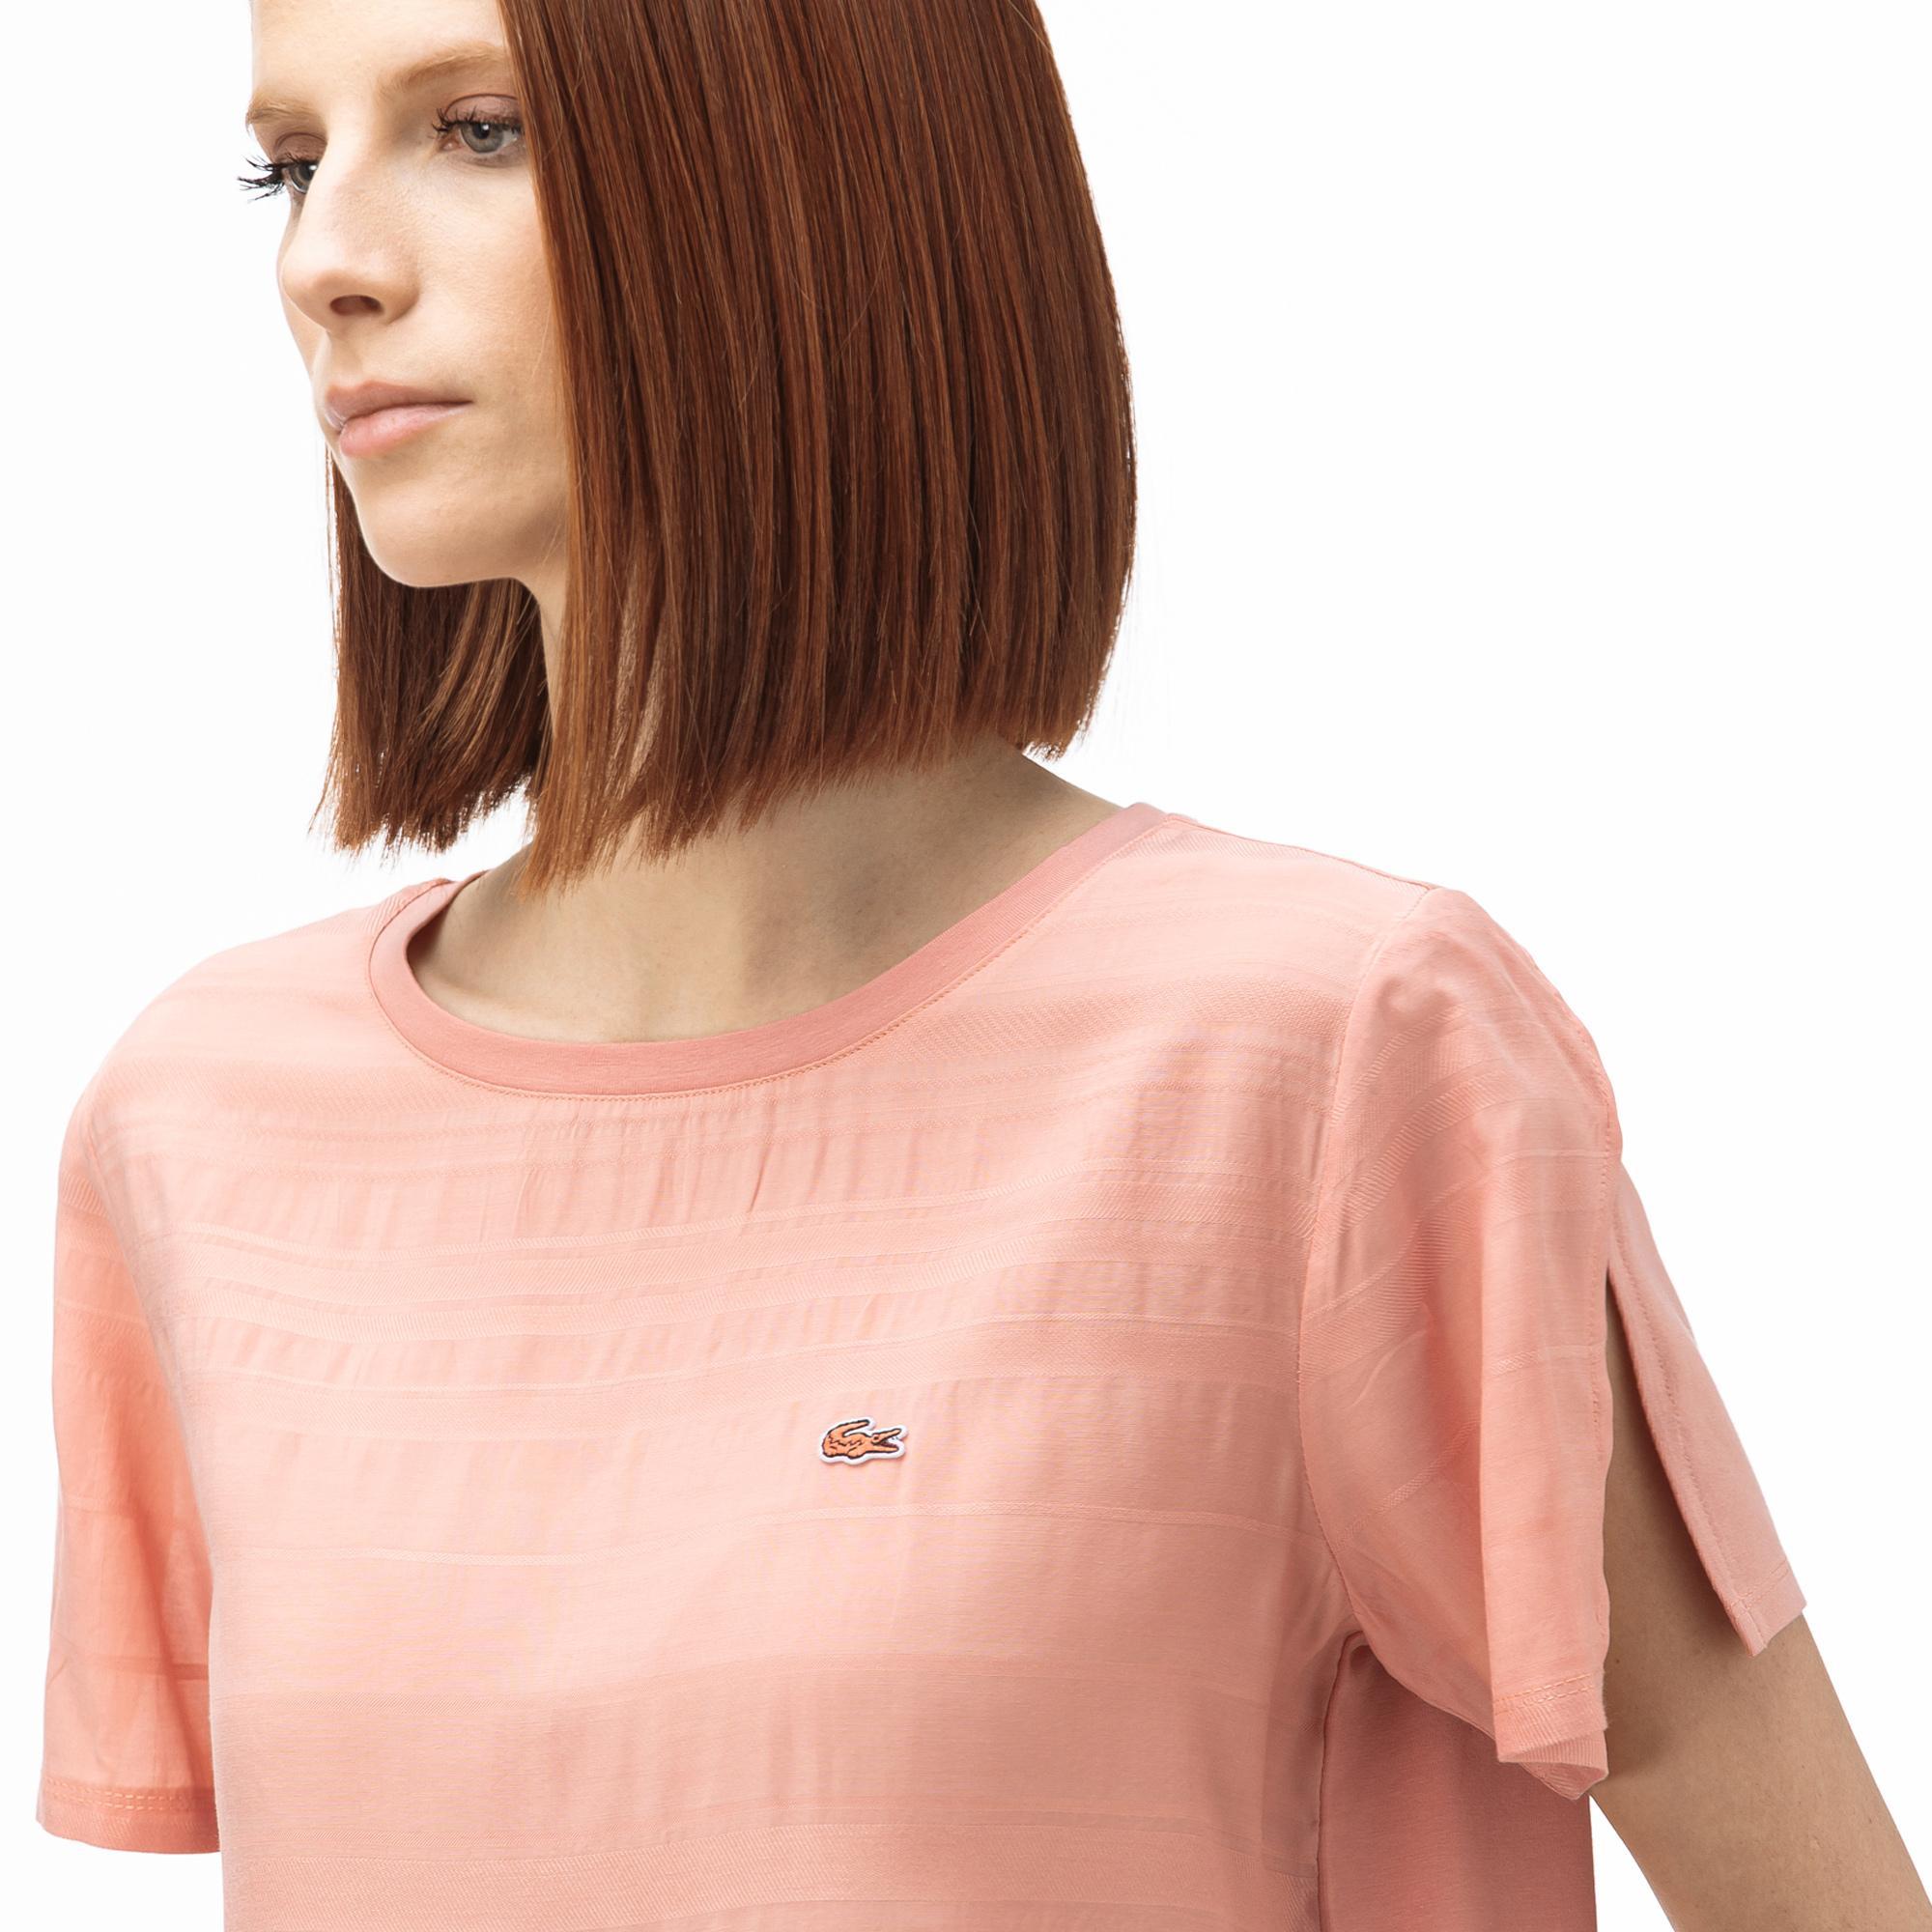 Lacoste T-Shirt Damski Z Dekoltem W Kształcie Łódki